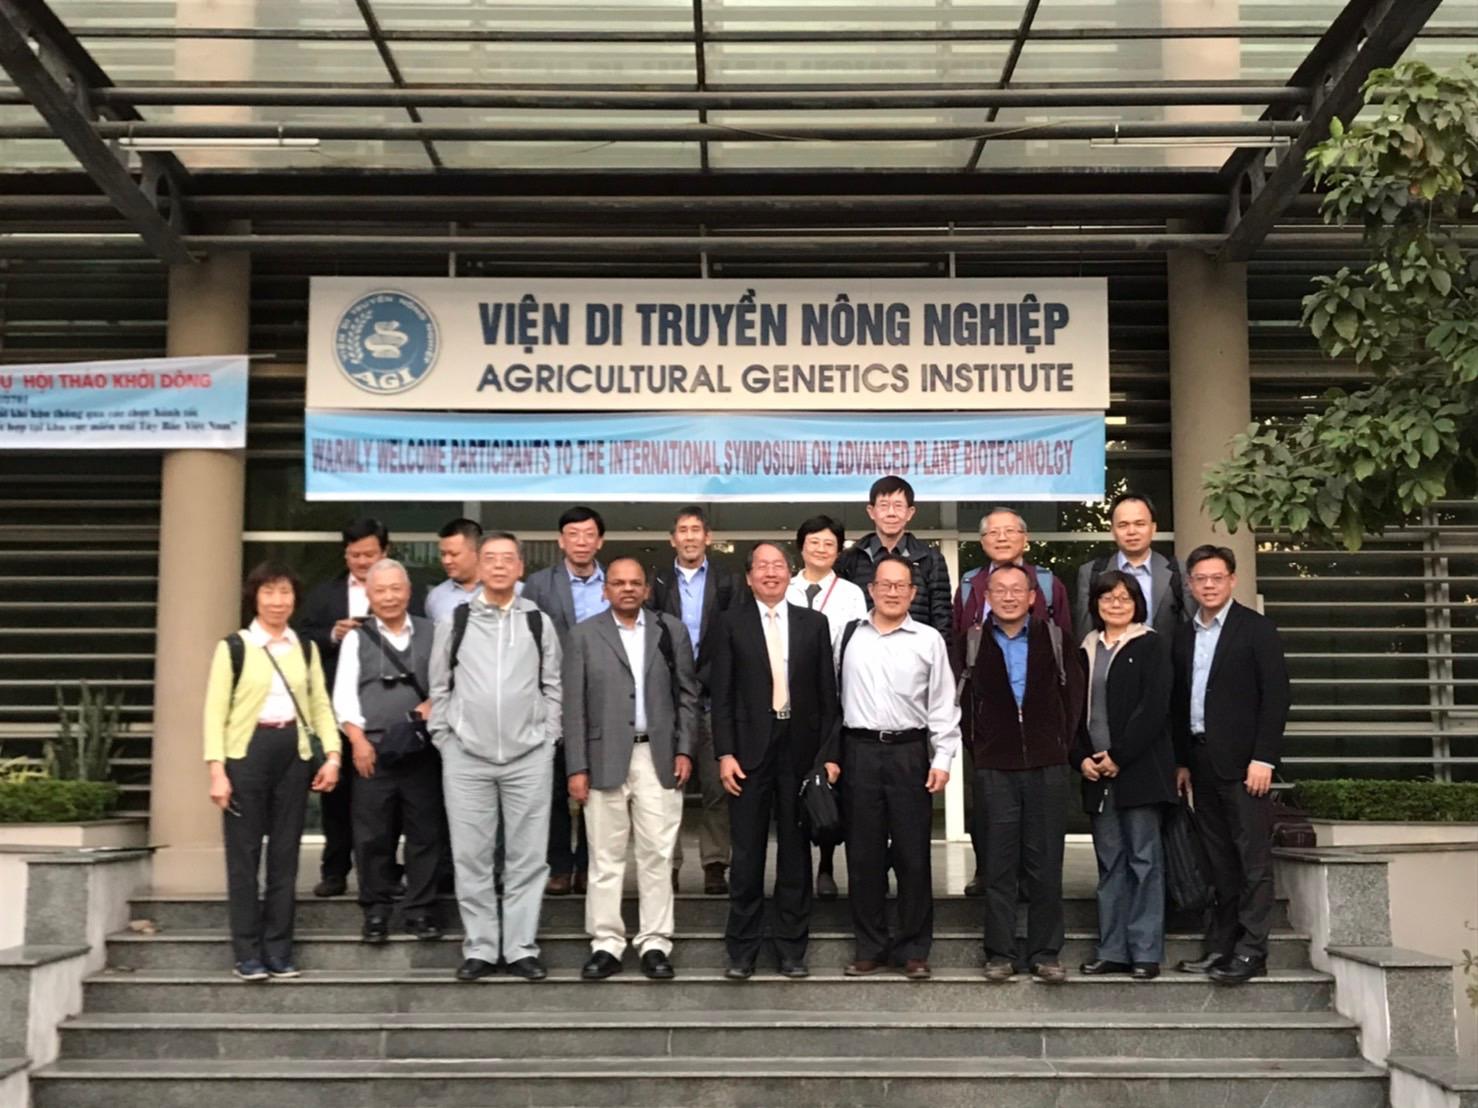 2019.12.05-12.07舉辦「尖端植物生物科技國際研討會」